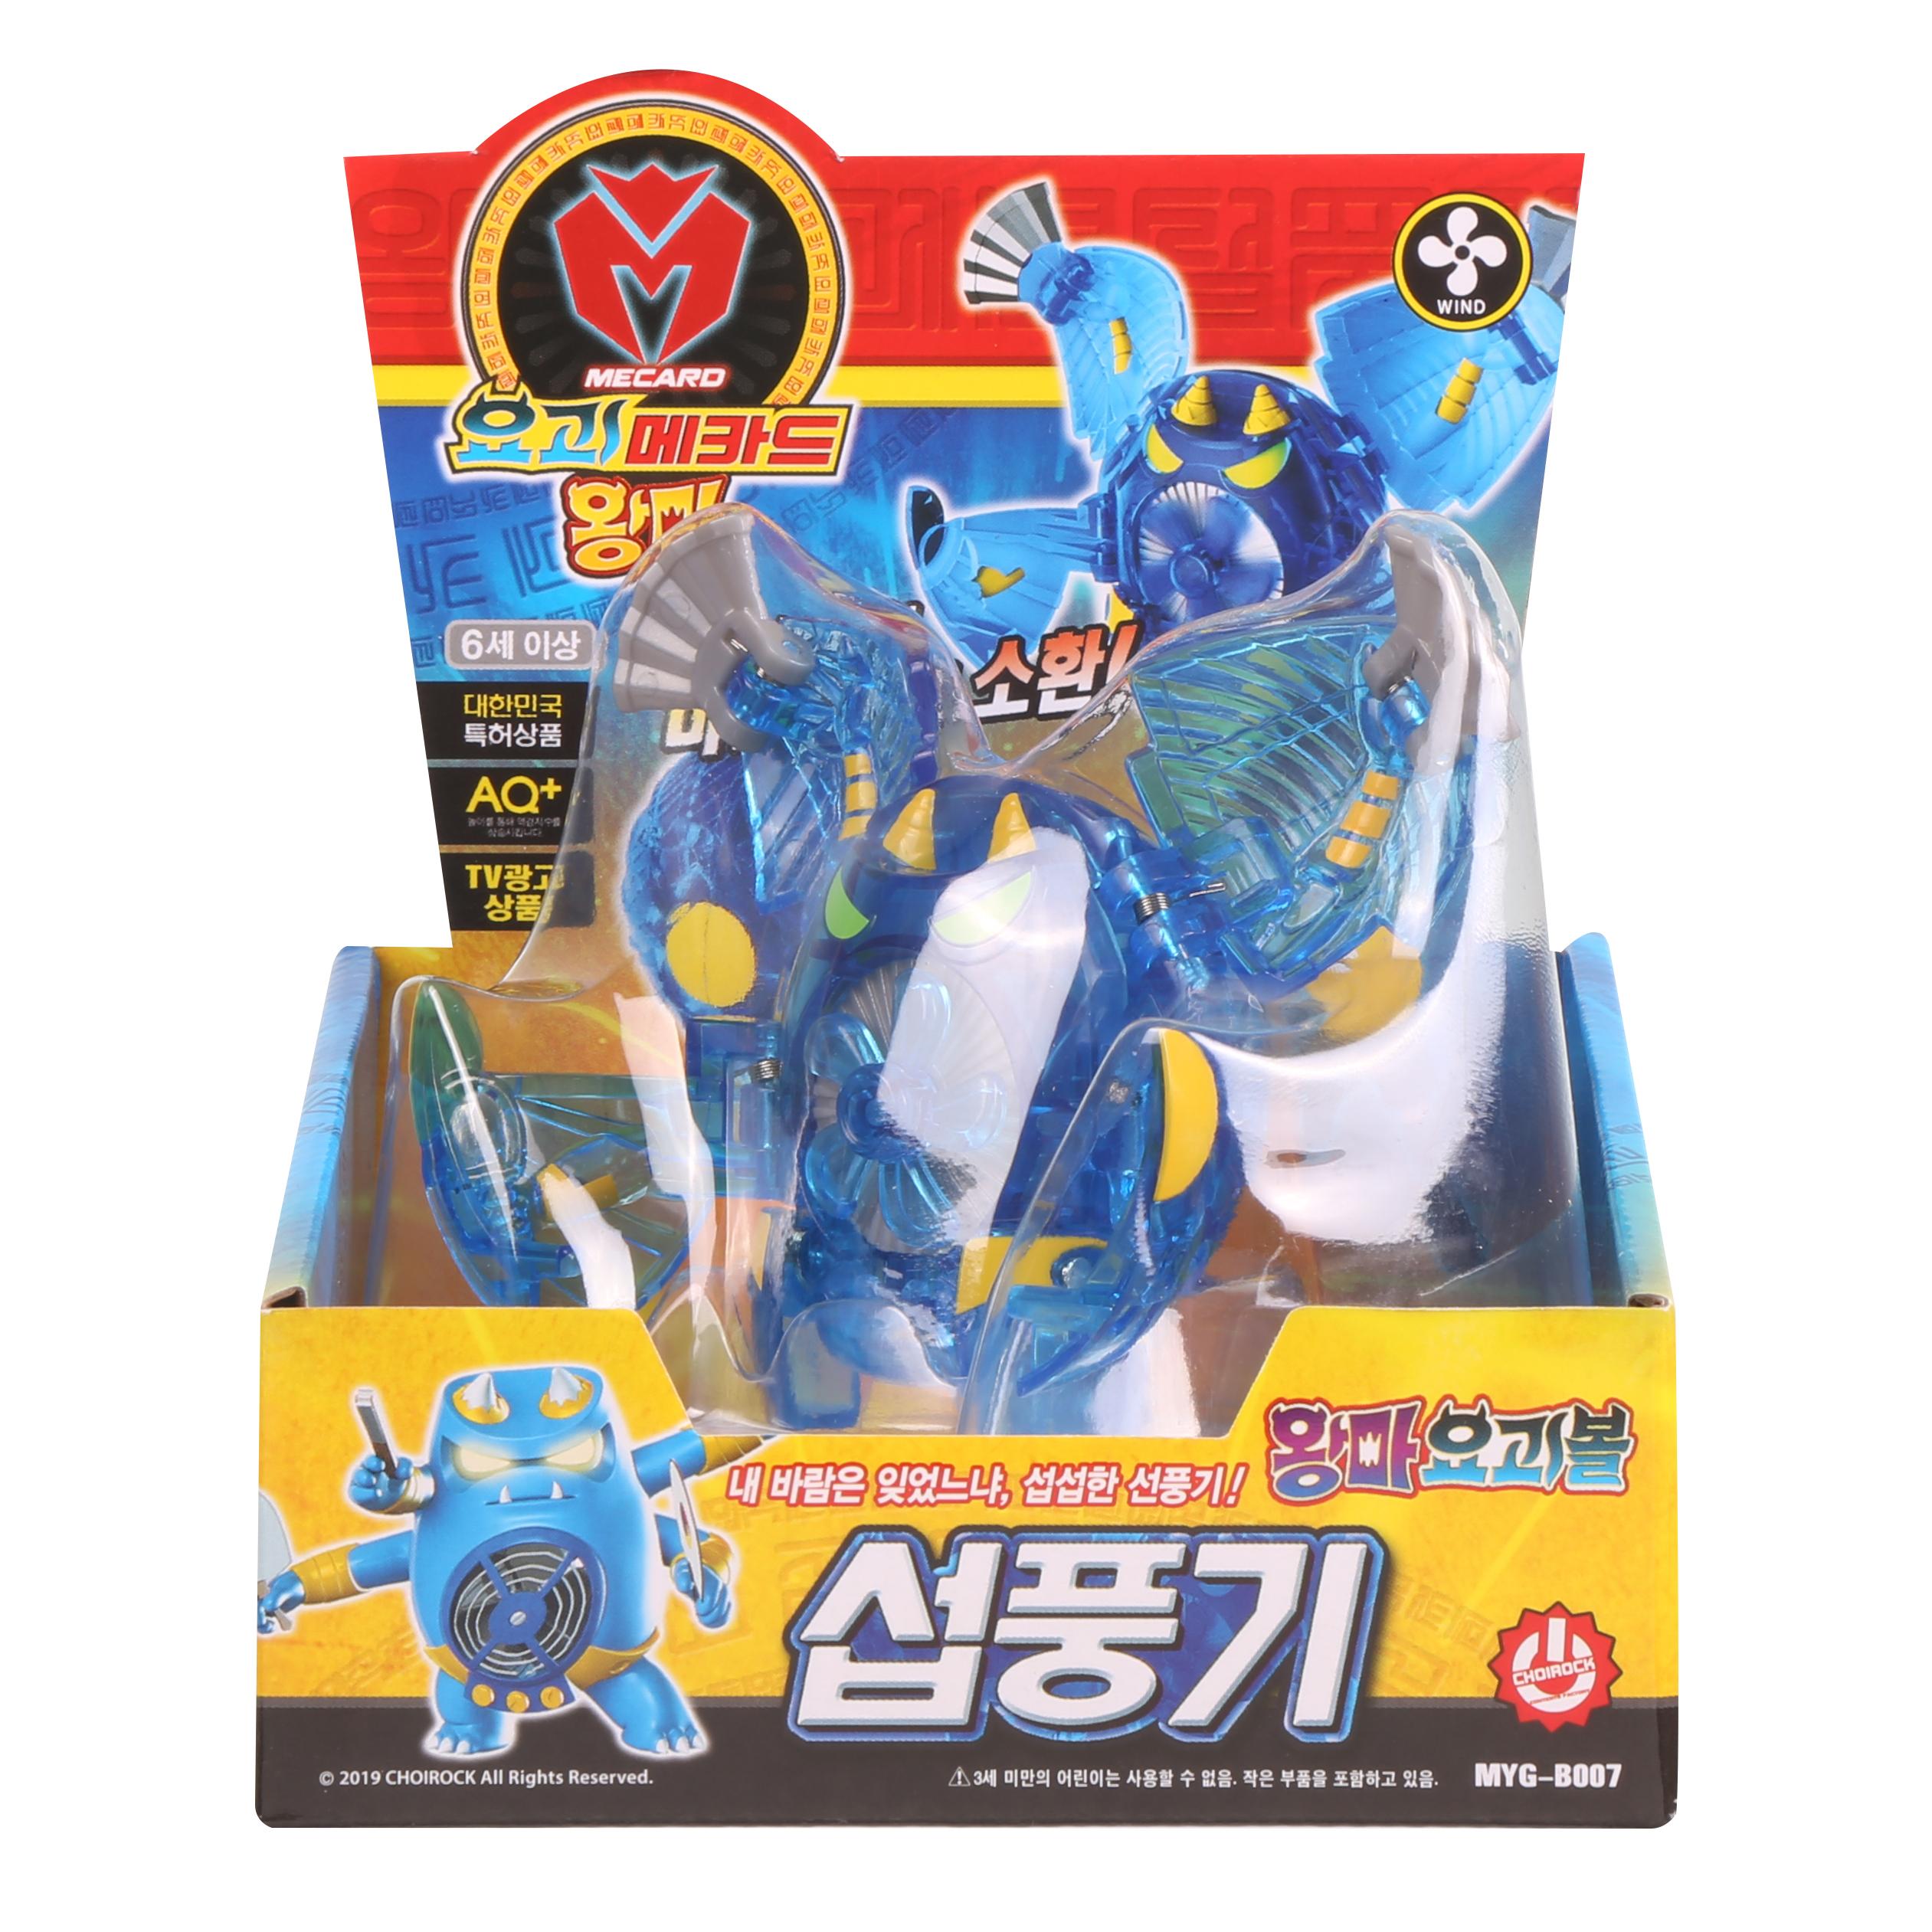 요괴메카드 왕마요괴볼 섭풍기 로봇장난감, 혼합 색상